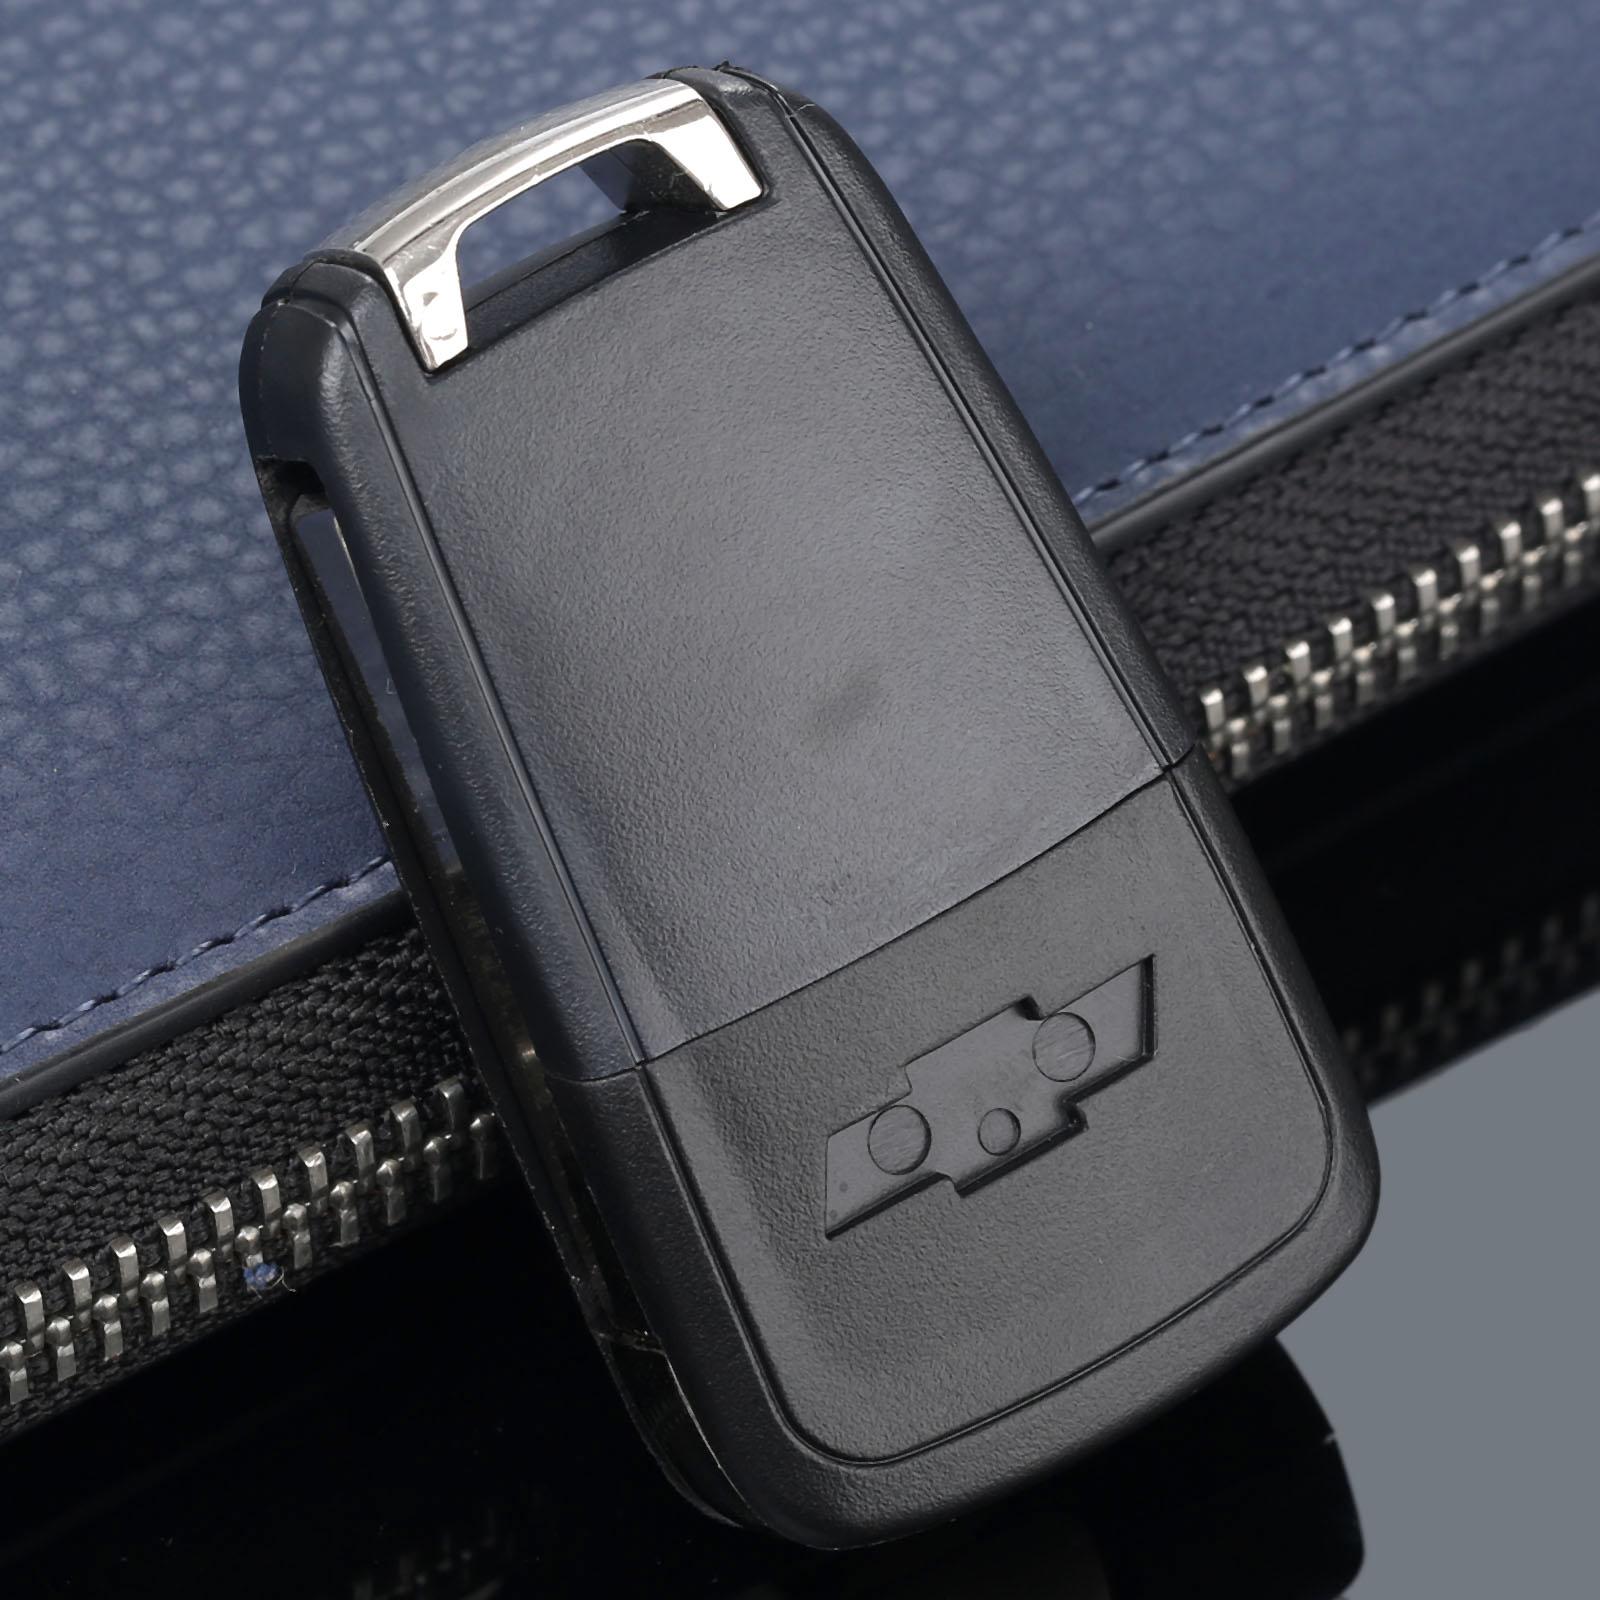 Image 3 - 2 кнопки дистанционного Складной флип чехол Fob крышка автомобиля заготовка для ключа зажигания подходит для Chevrolet Camaro Cruze Equinox Malibu Sonic Spark Volt-in Ключ авто from Автомобили и мотоциклы